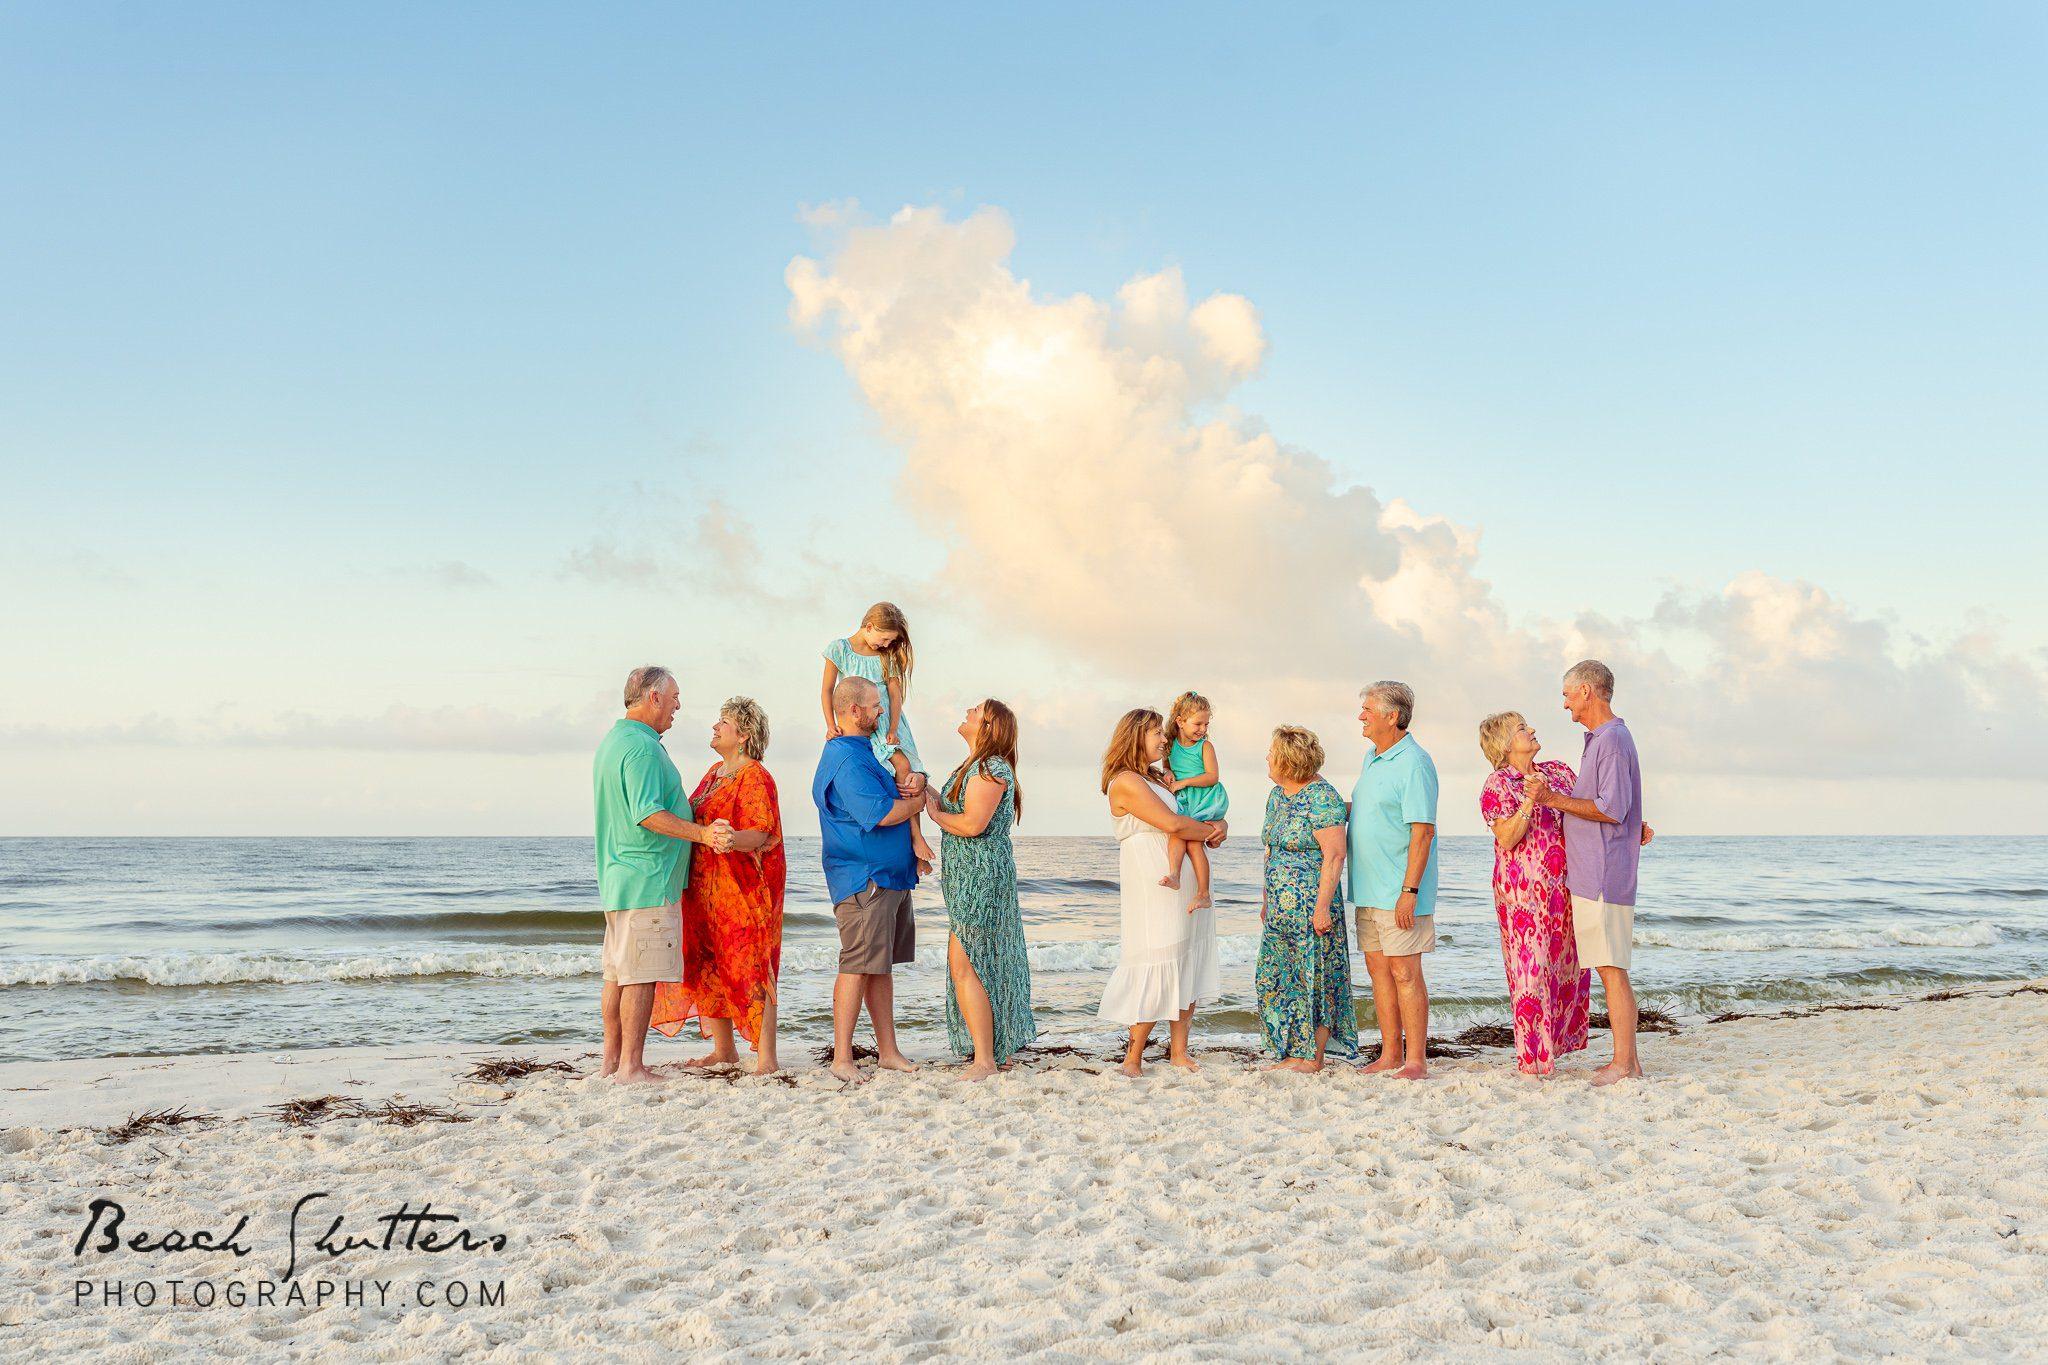 All together beach photos